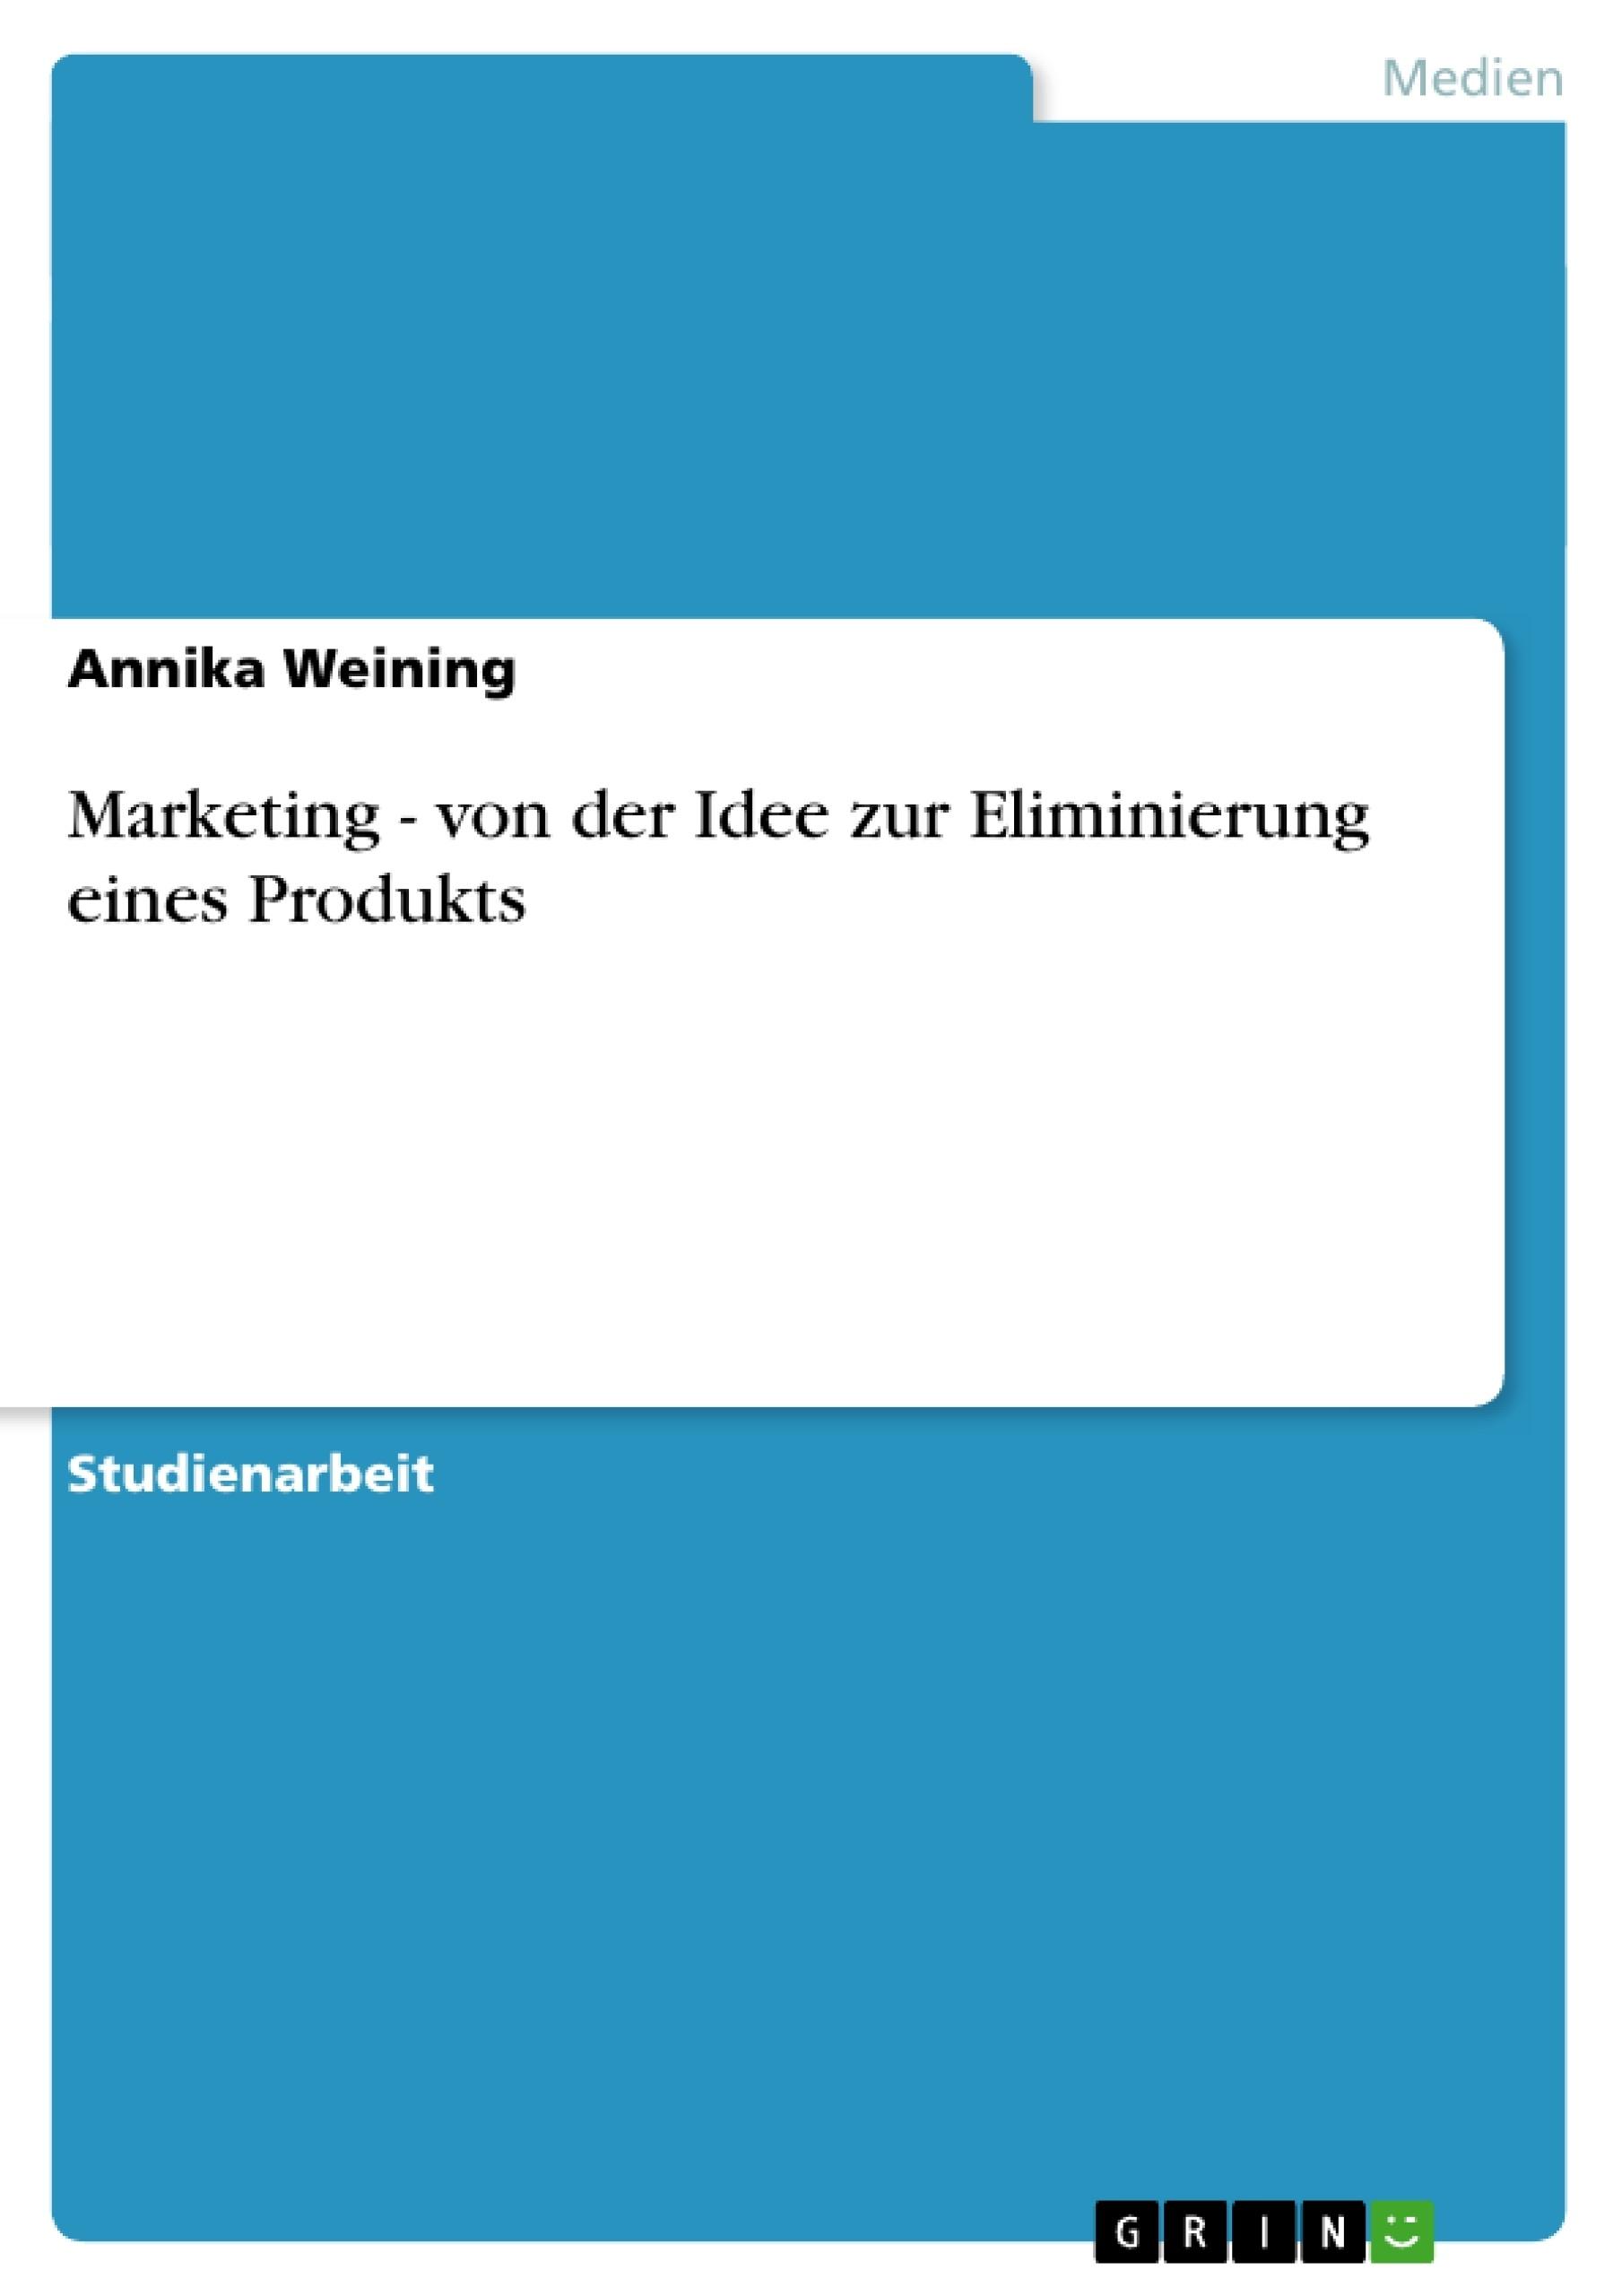 Titel: Marketing - von der Idee zur Eliminierung eines Produkts